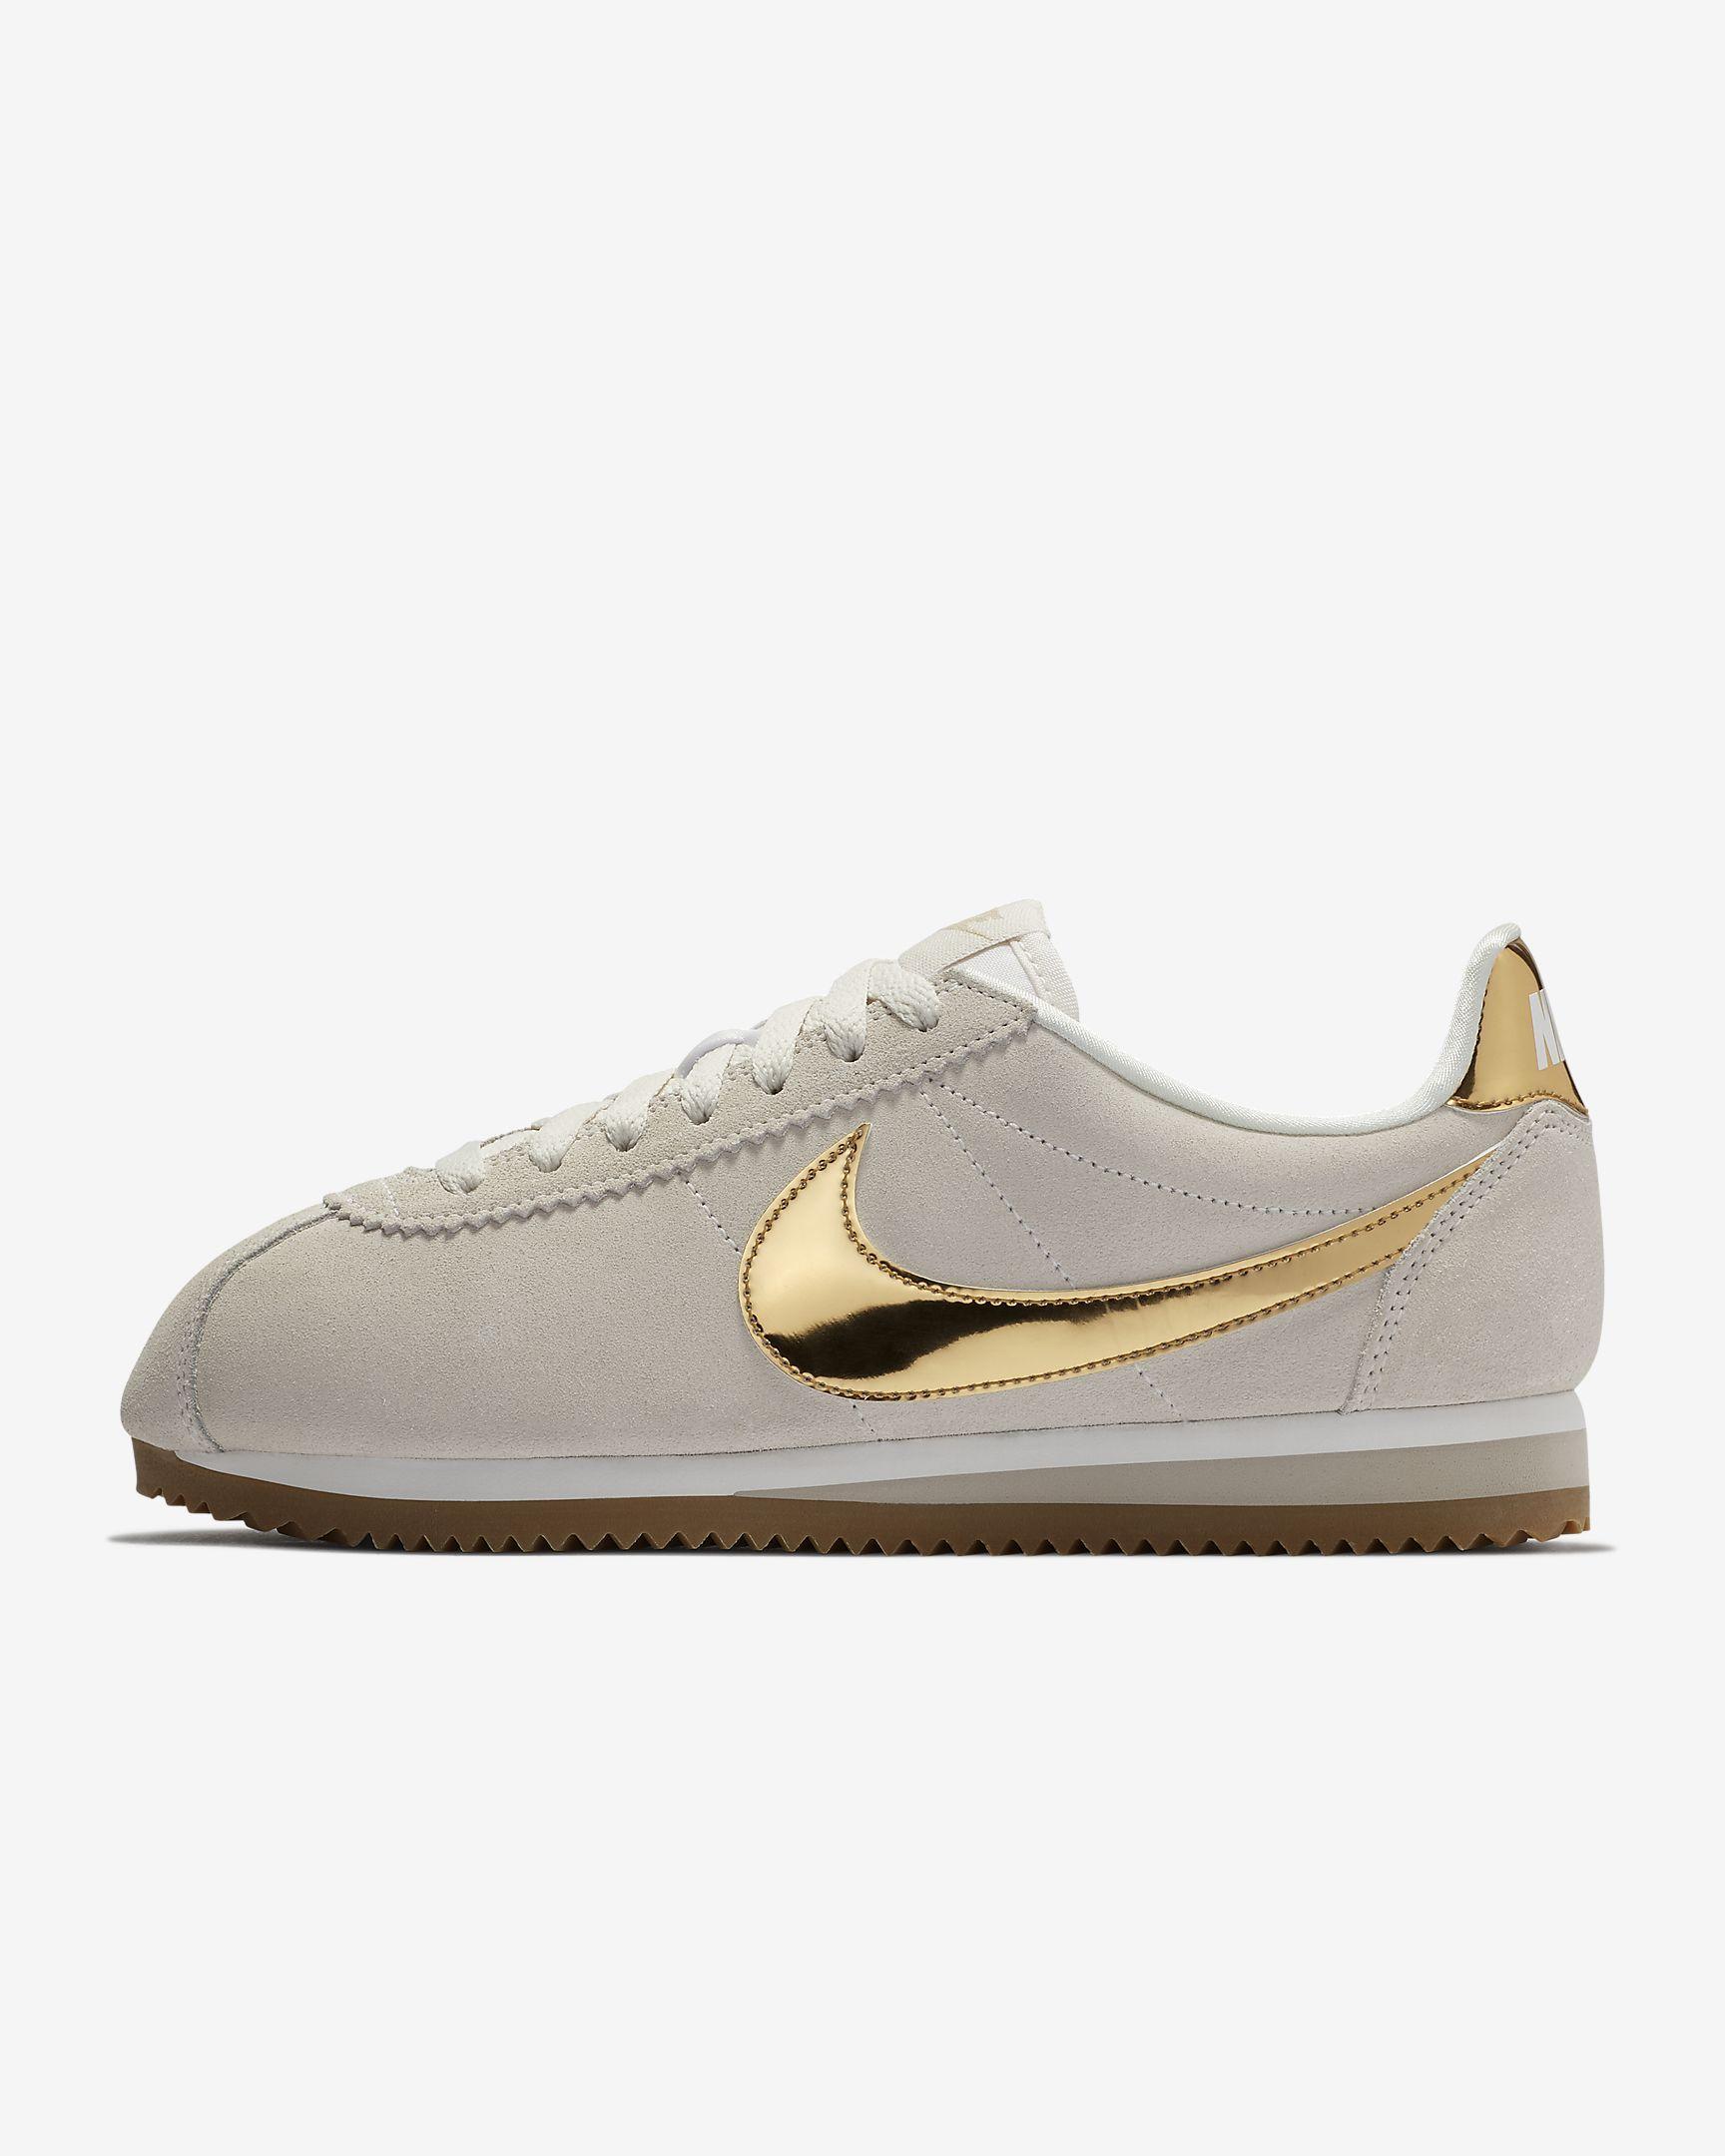 Nike Herren Air Max 97 OG QS Sneaker BQGADDNDR